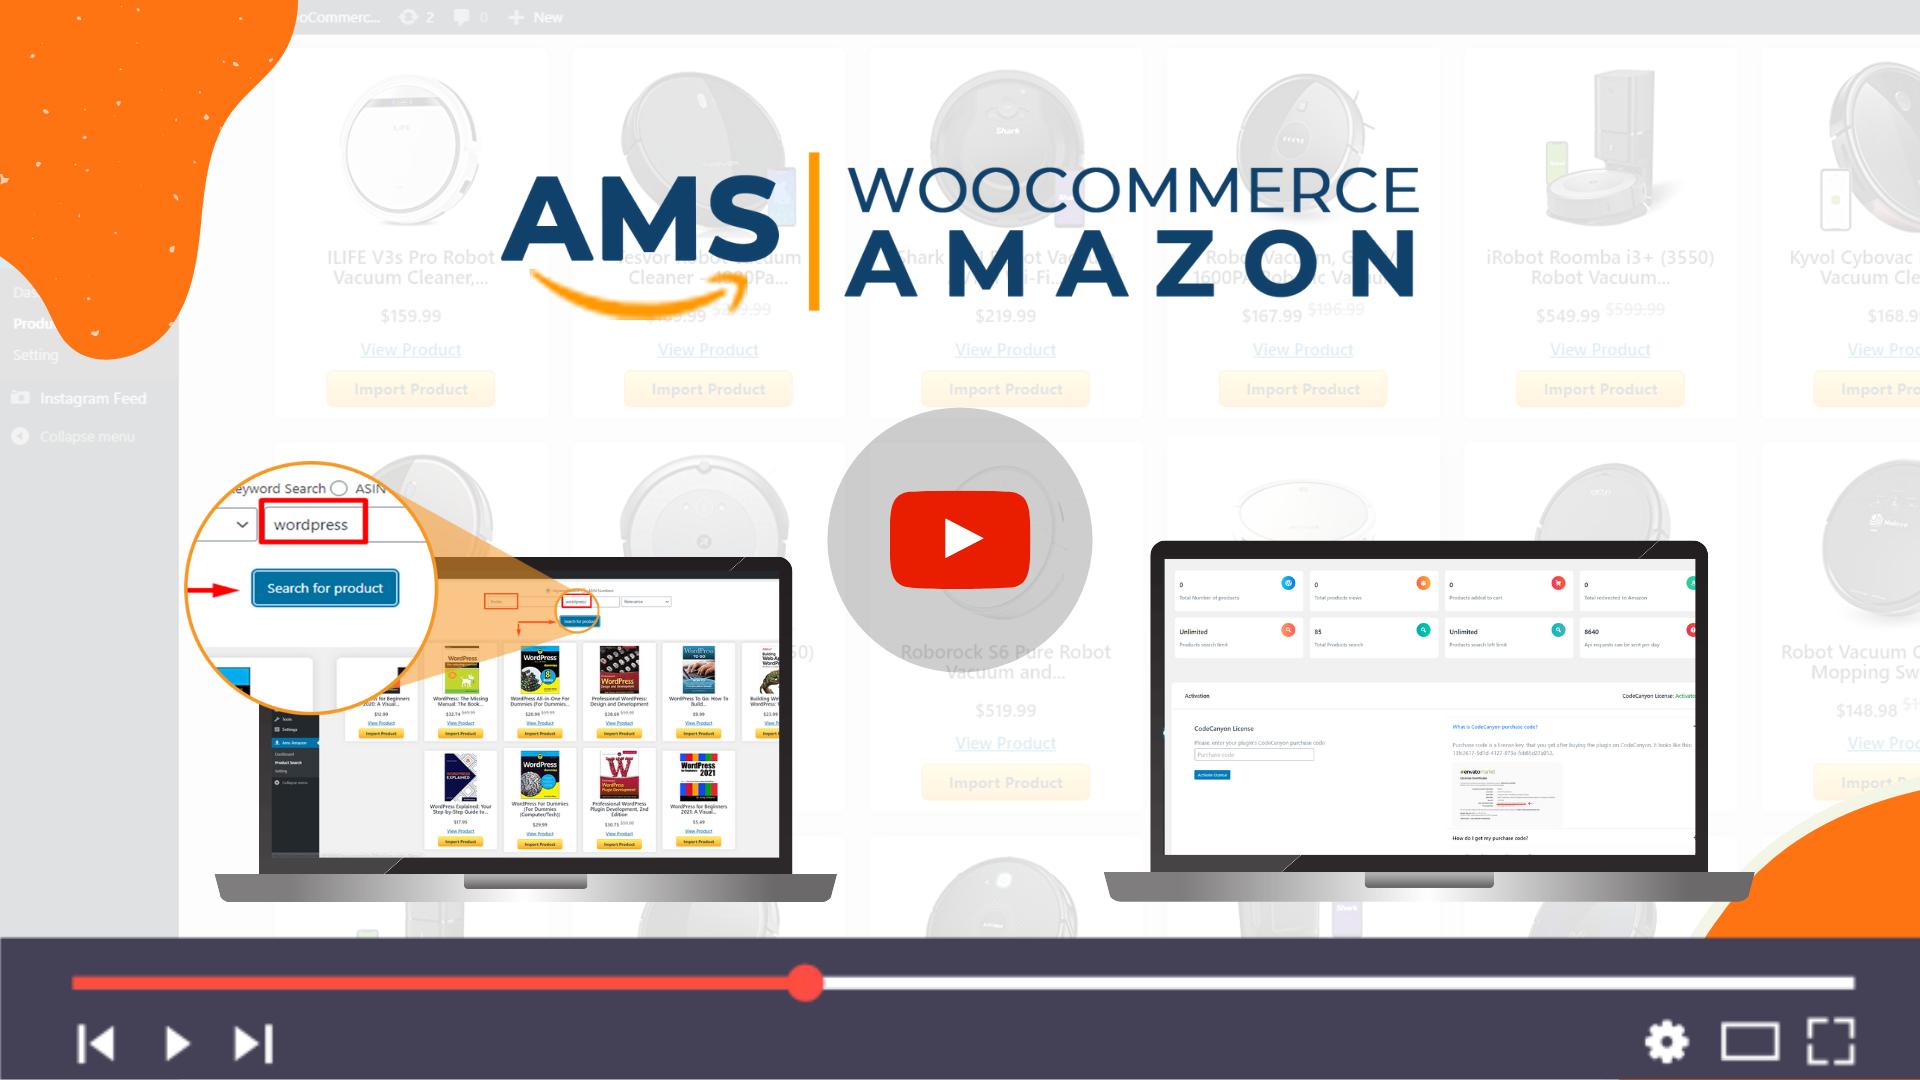 Affiliate Management System - WooCommerce Amazon - 2